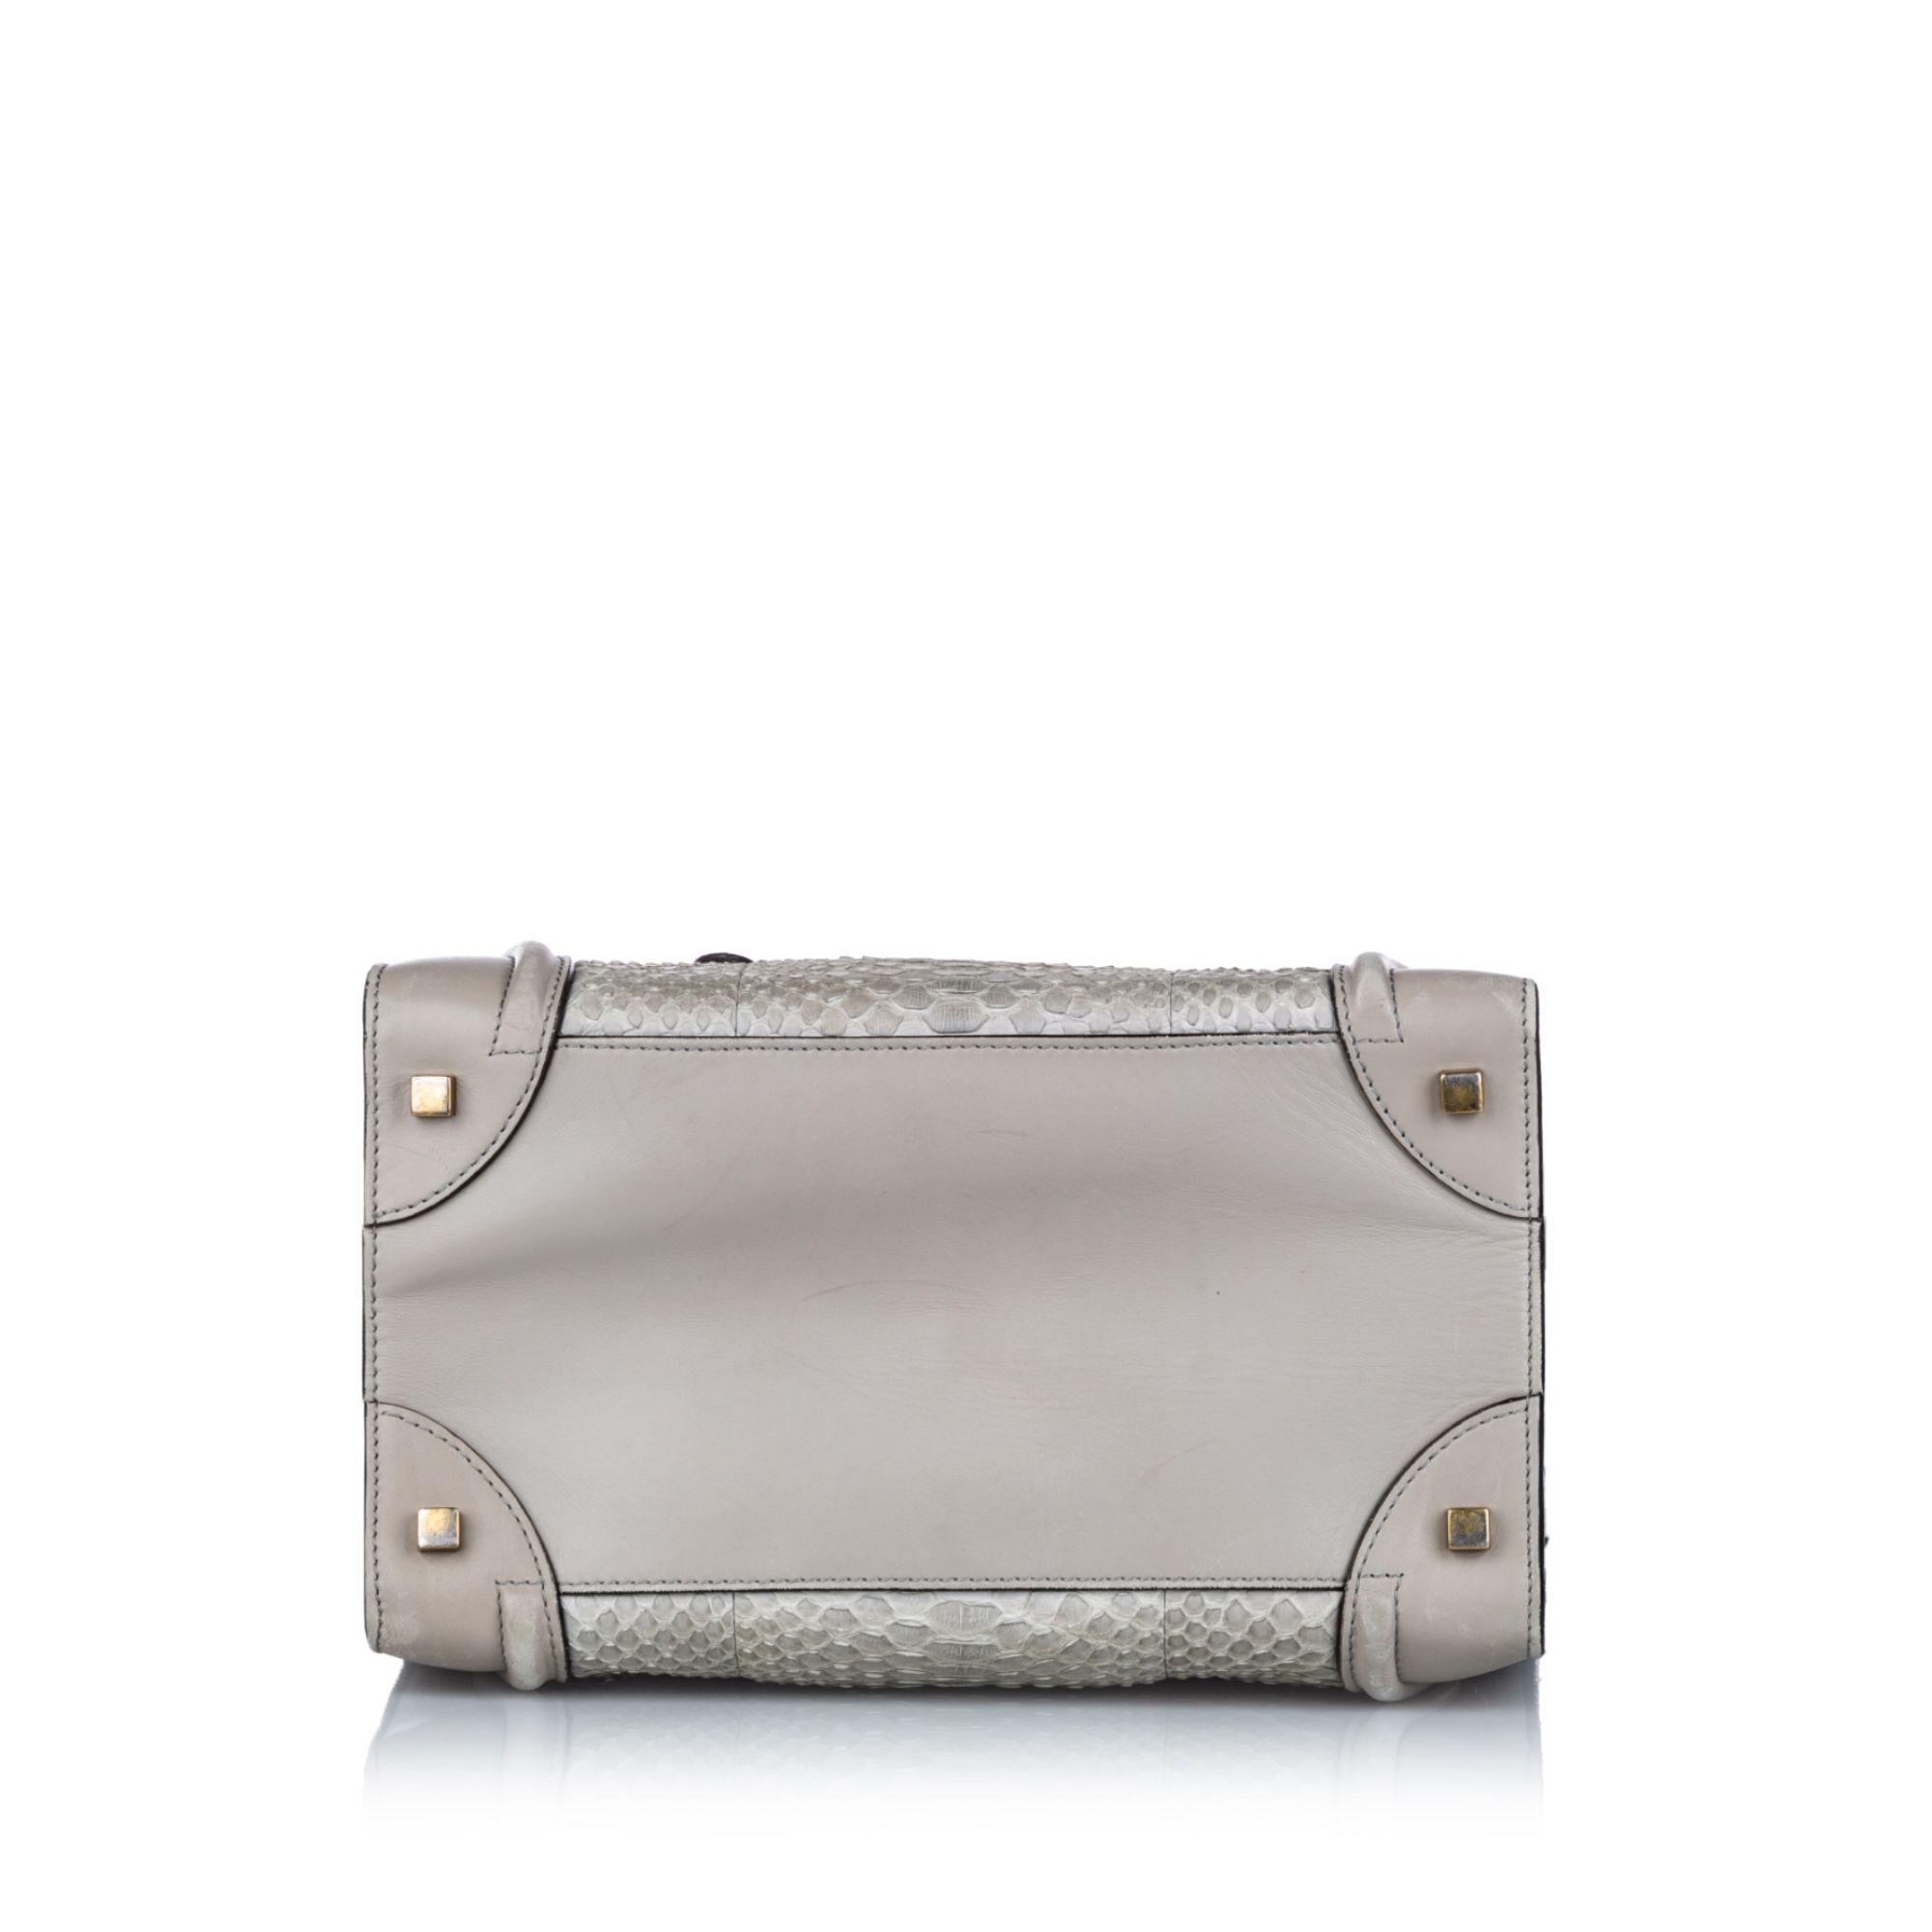 Vintage Celine Medium Python Luggage Tote Gray